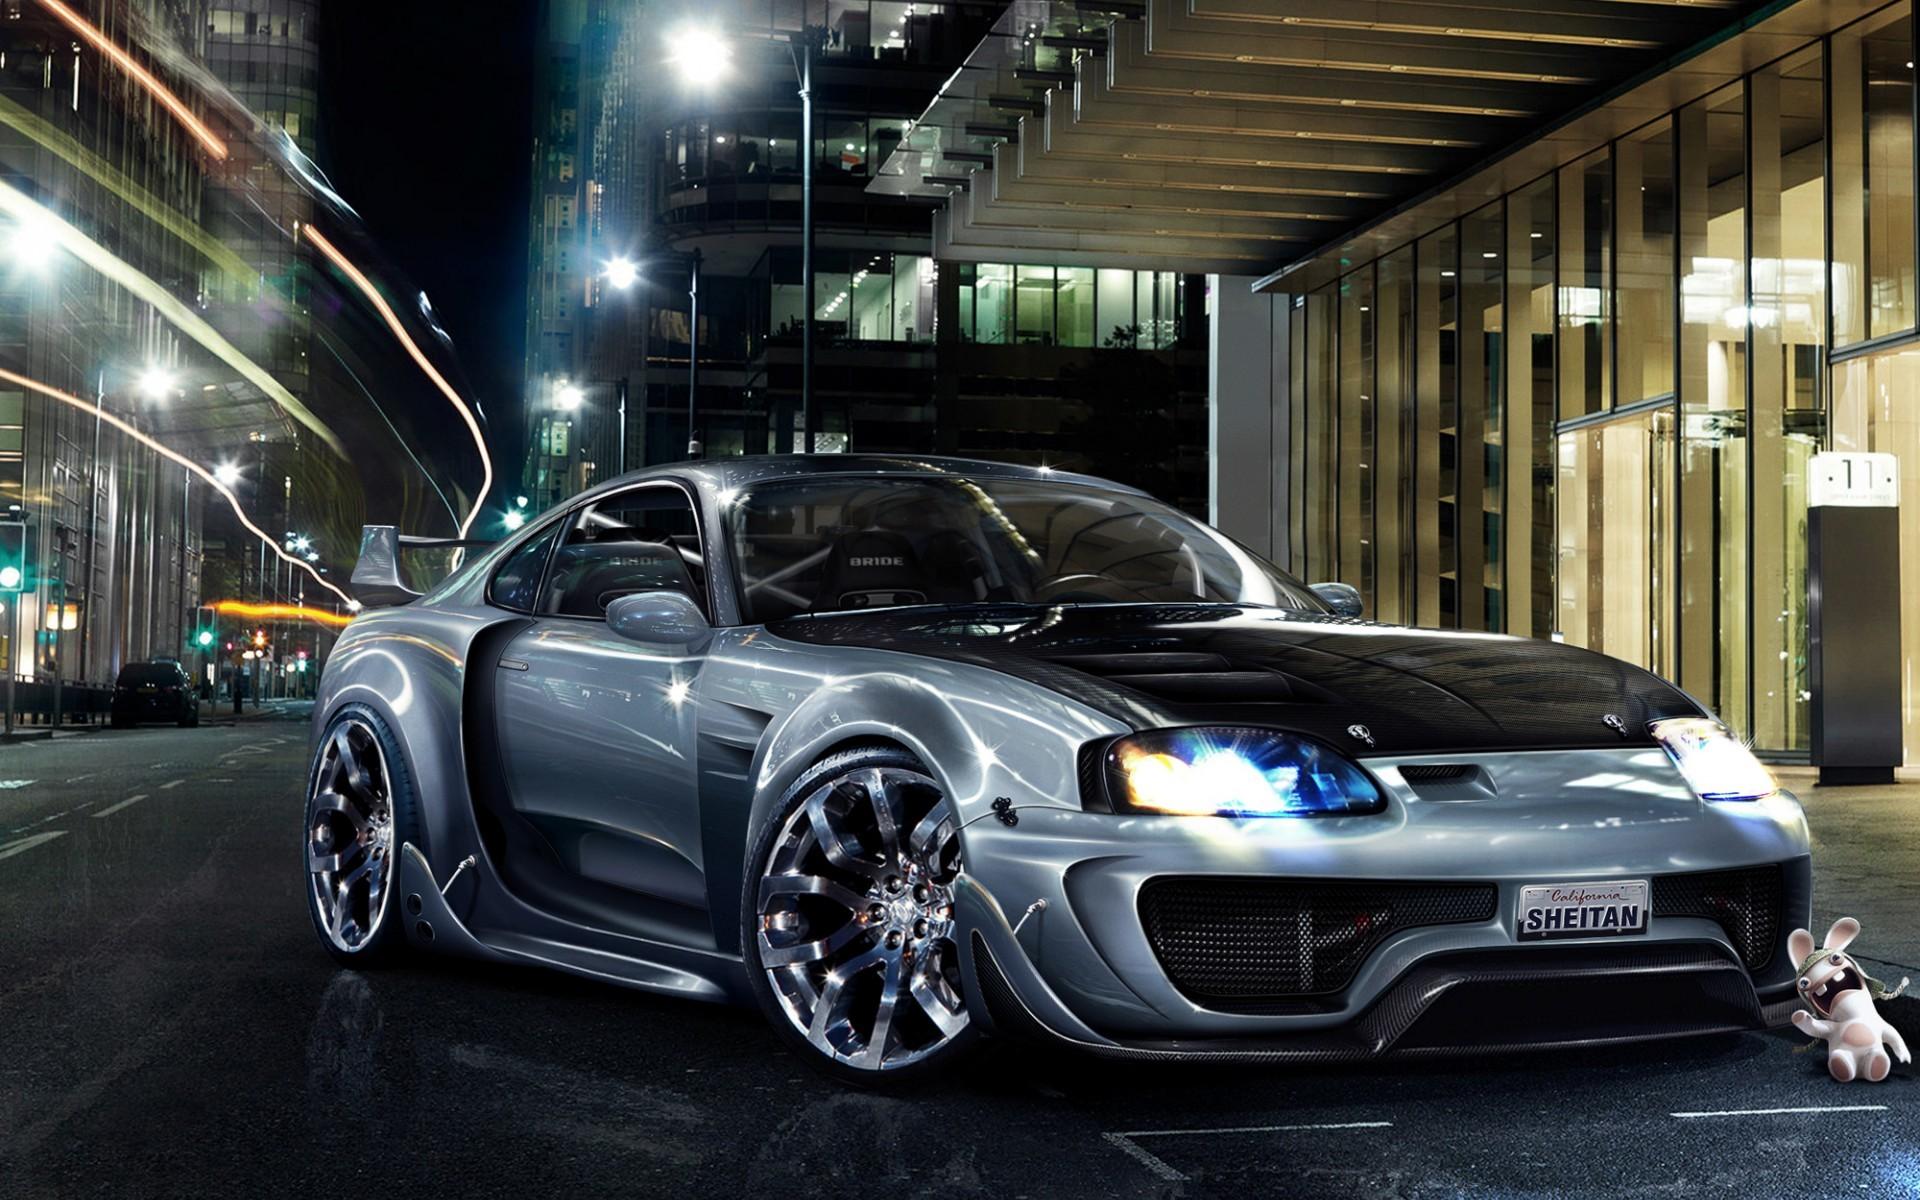 Desktop Backgrounds Cars 68 Images